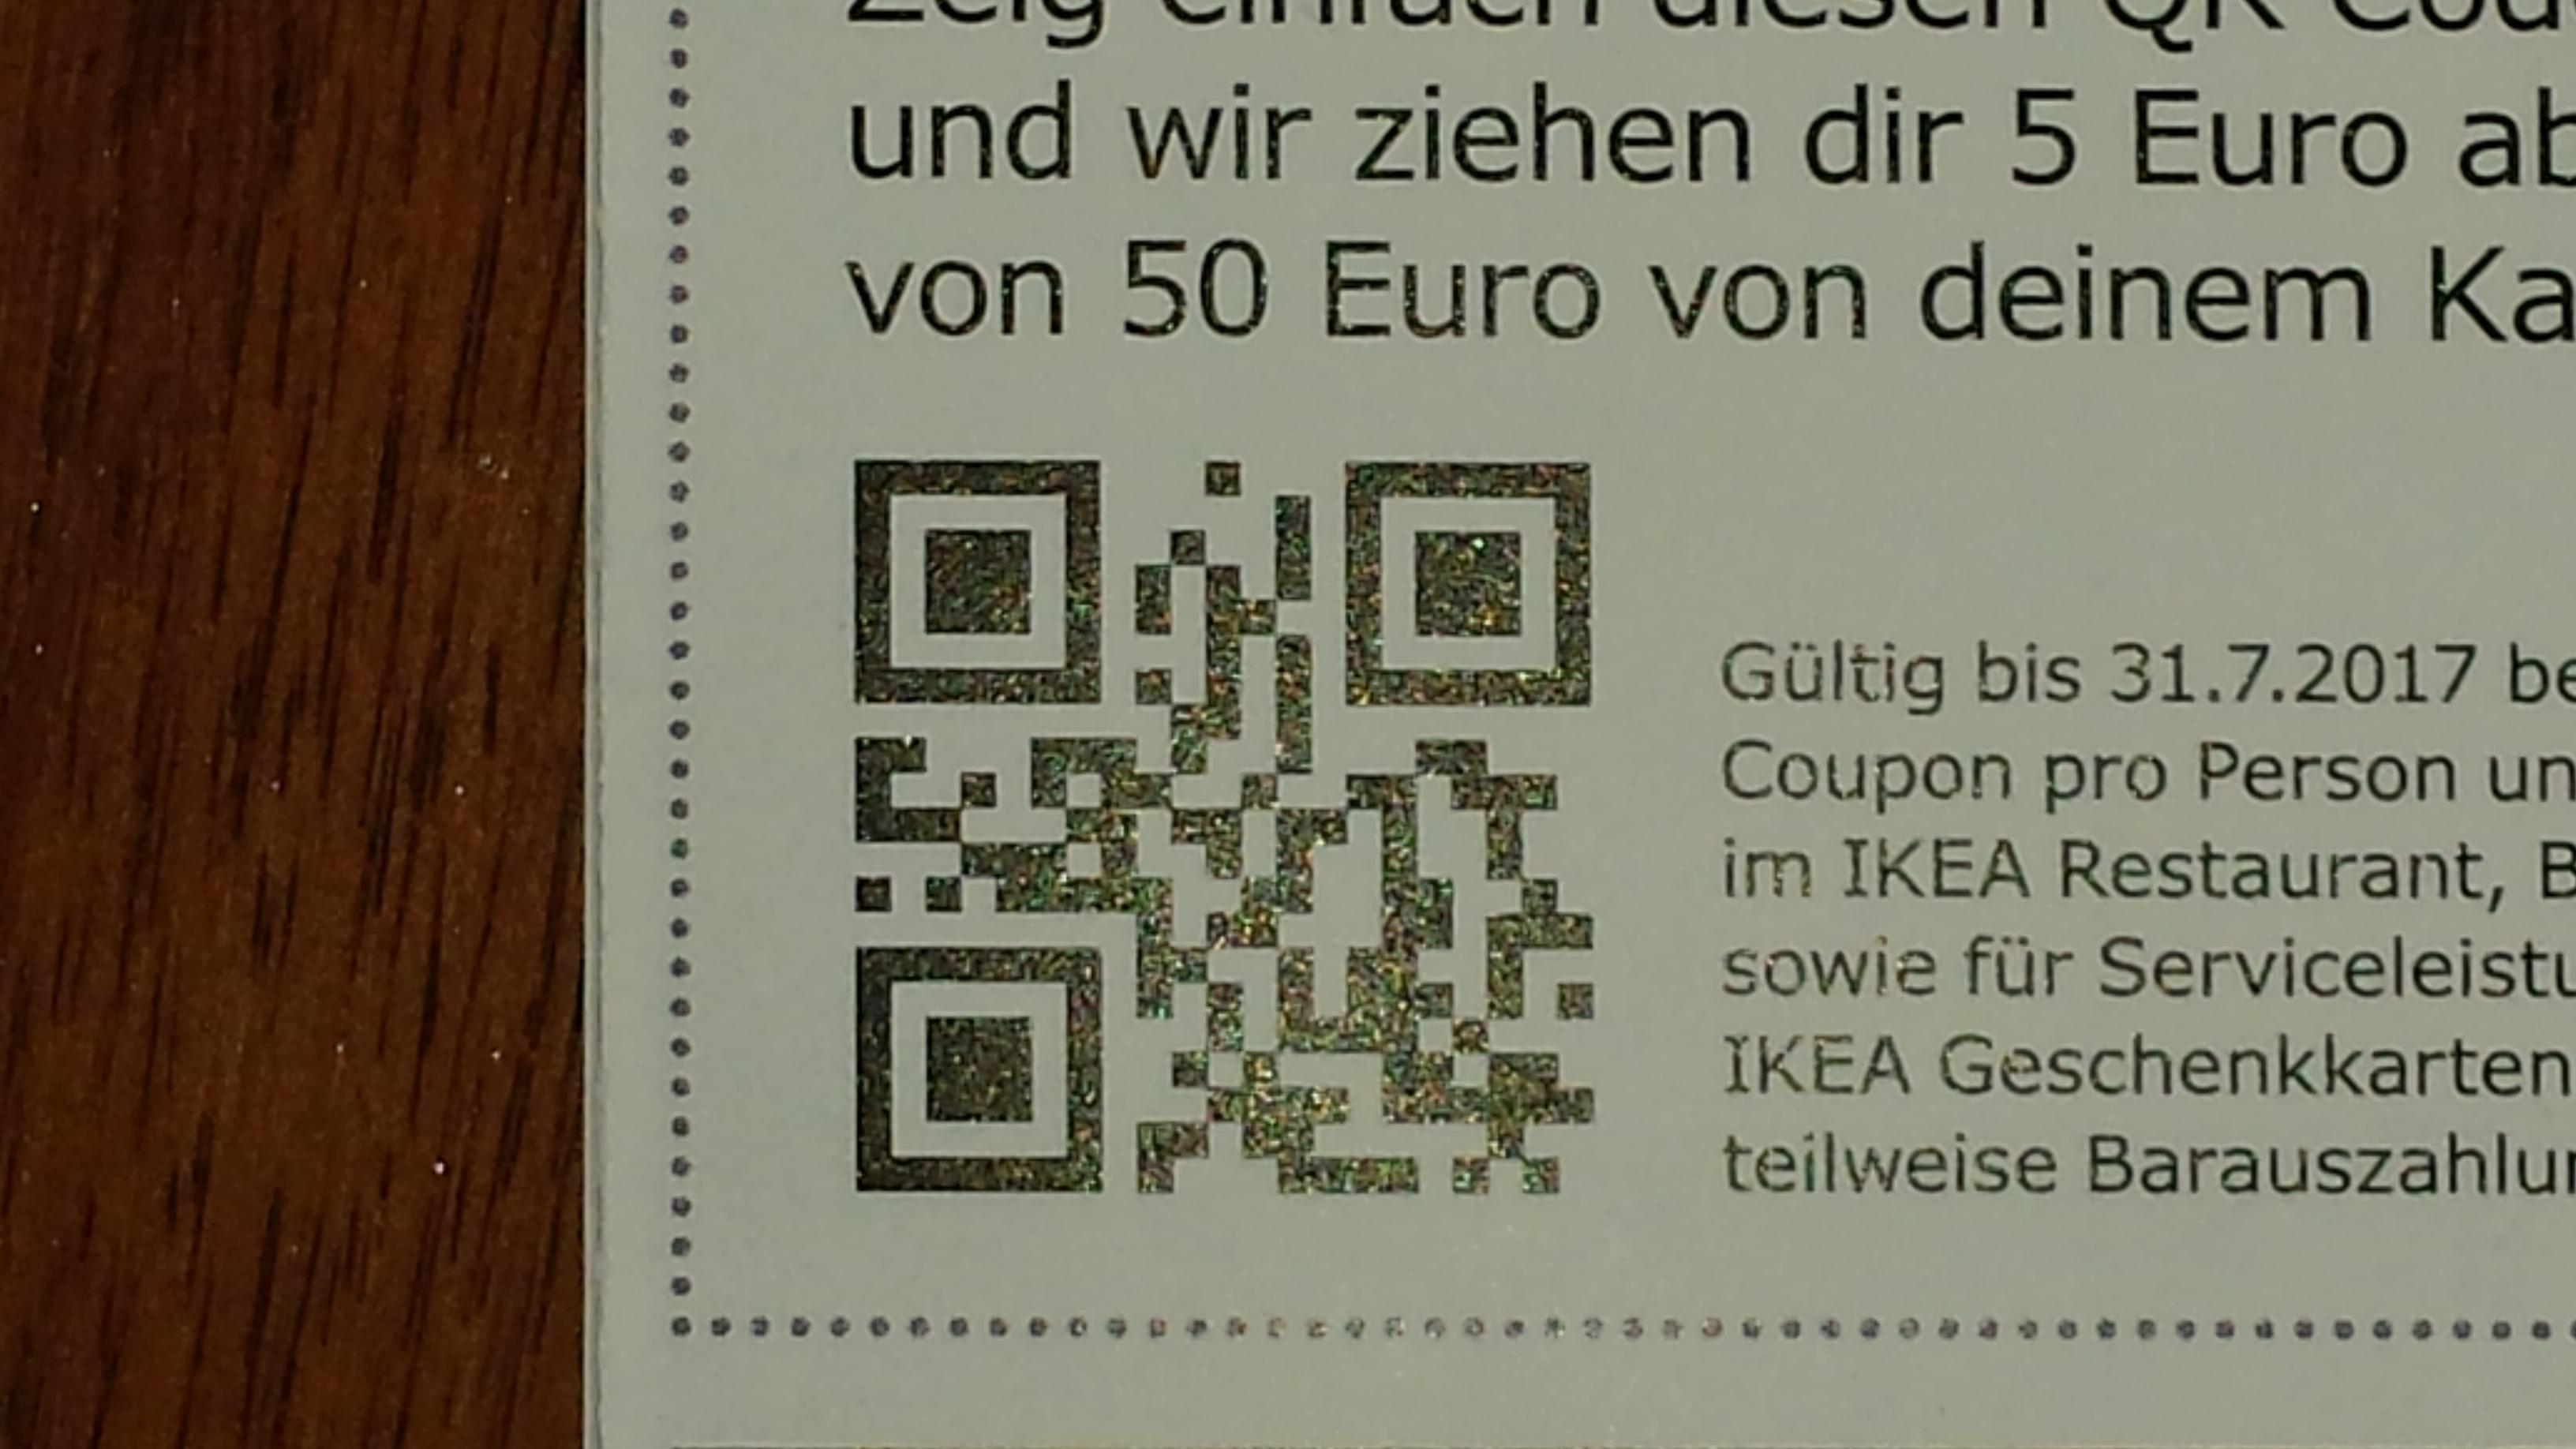 Ikea Dresden Gutschein 5€ bei 50€ Umsatz